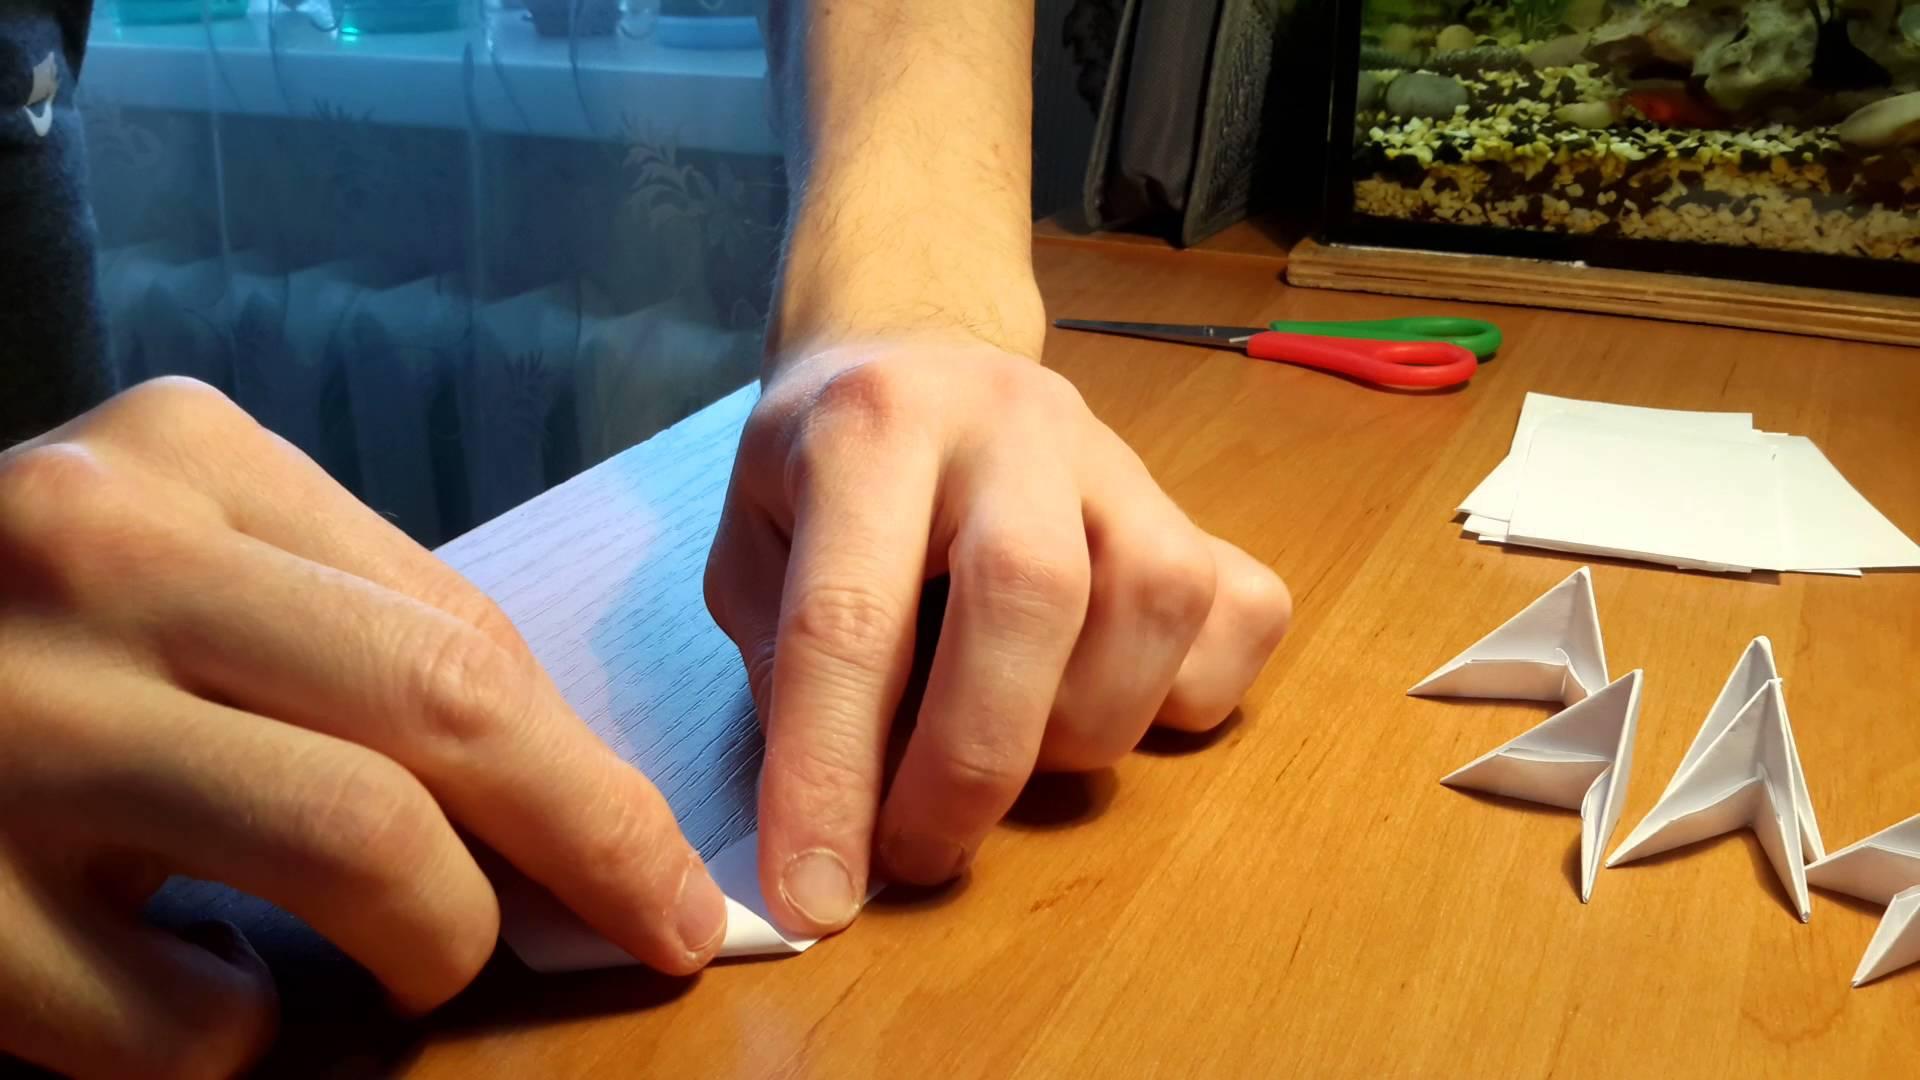 Правила сборки модульного оригами в виде Крысы фото